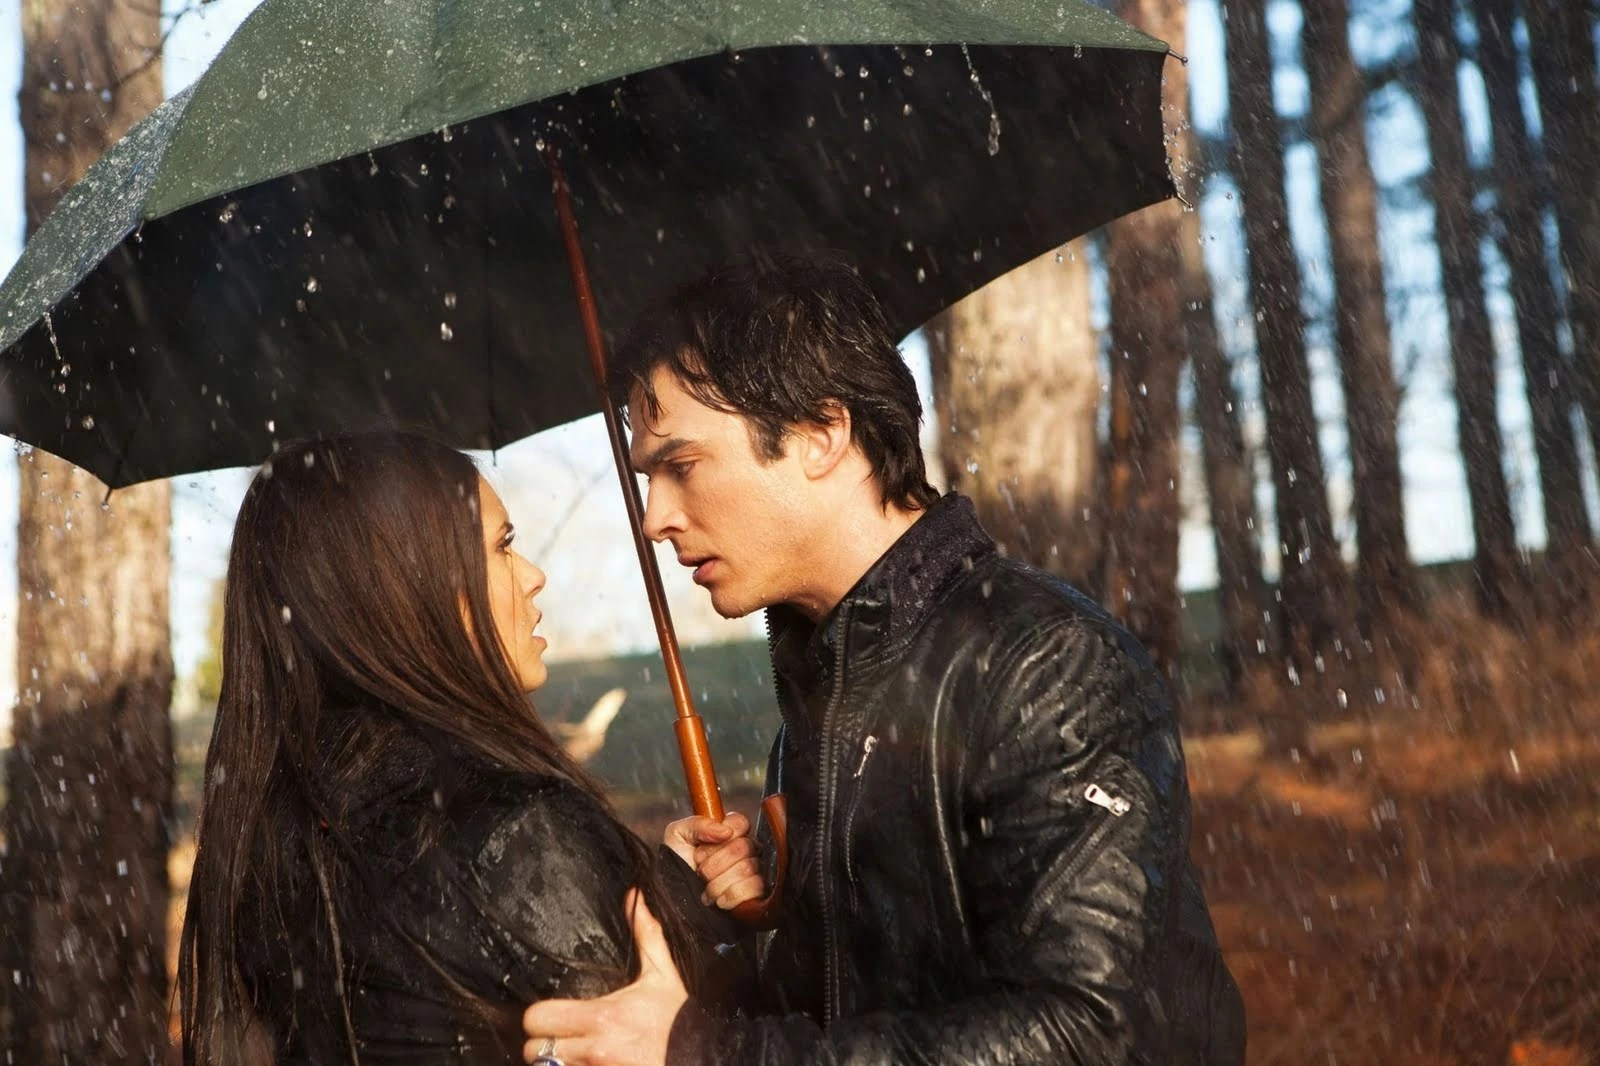 Vampire Diaries, Damon, Elena Gilbert, Salvatore, Damon and Elena